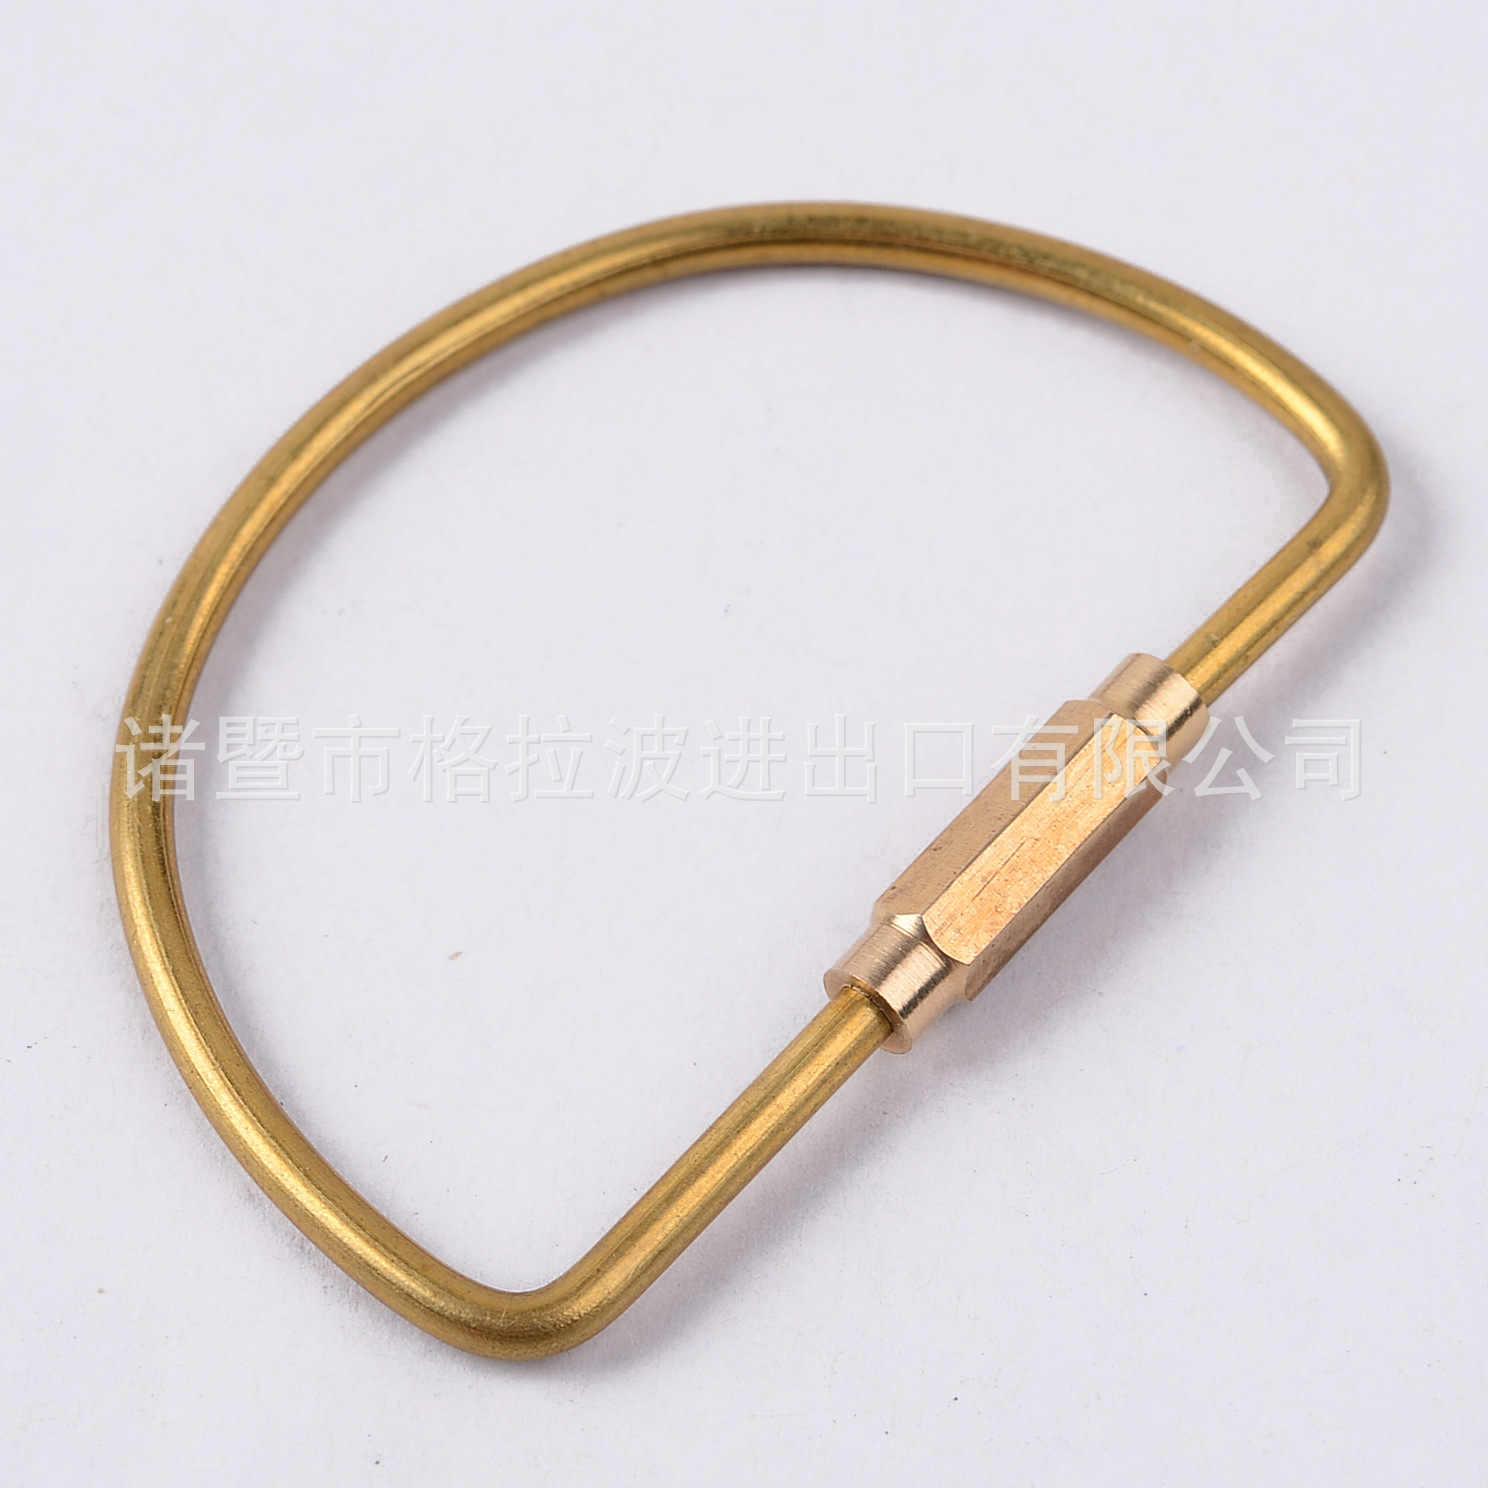 Đồng móc khóa có khóa D móc khóa Ins vàng Cắm Trại Móc Đa Năng Sống Còn Trang Bị Cắm Trại Khóa Móc chìa khóa Phụ Kiện